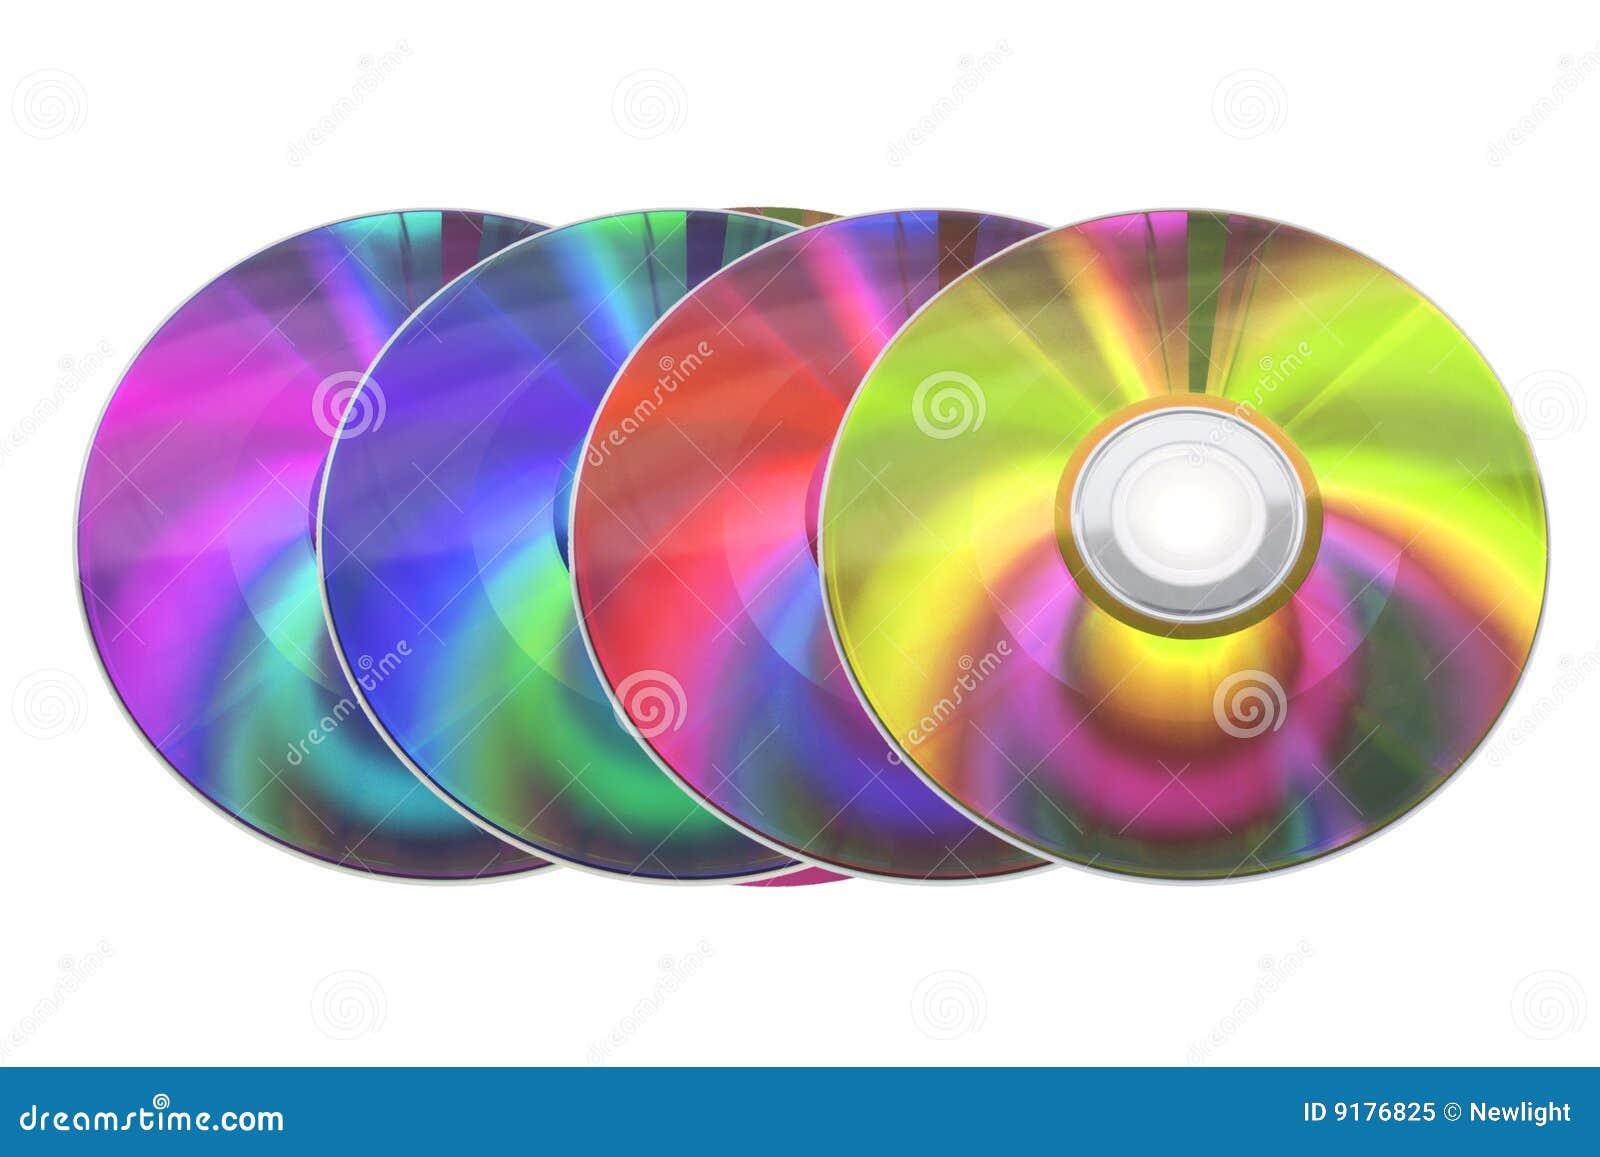 Compact-discs